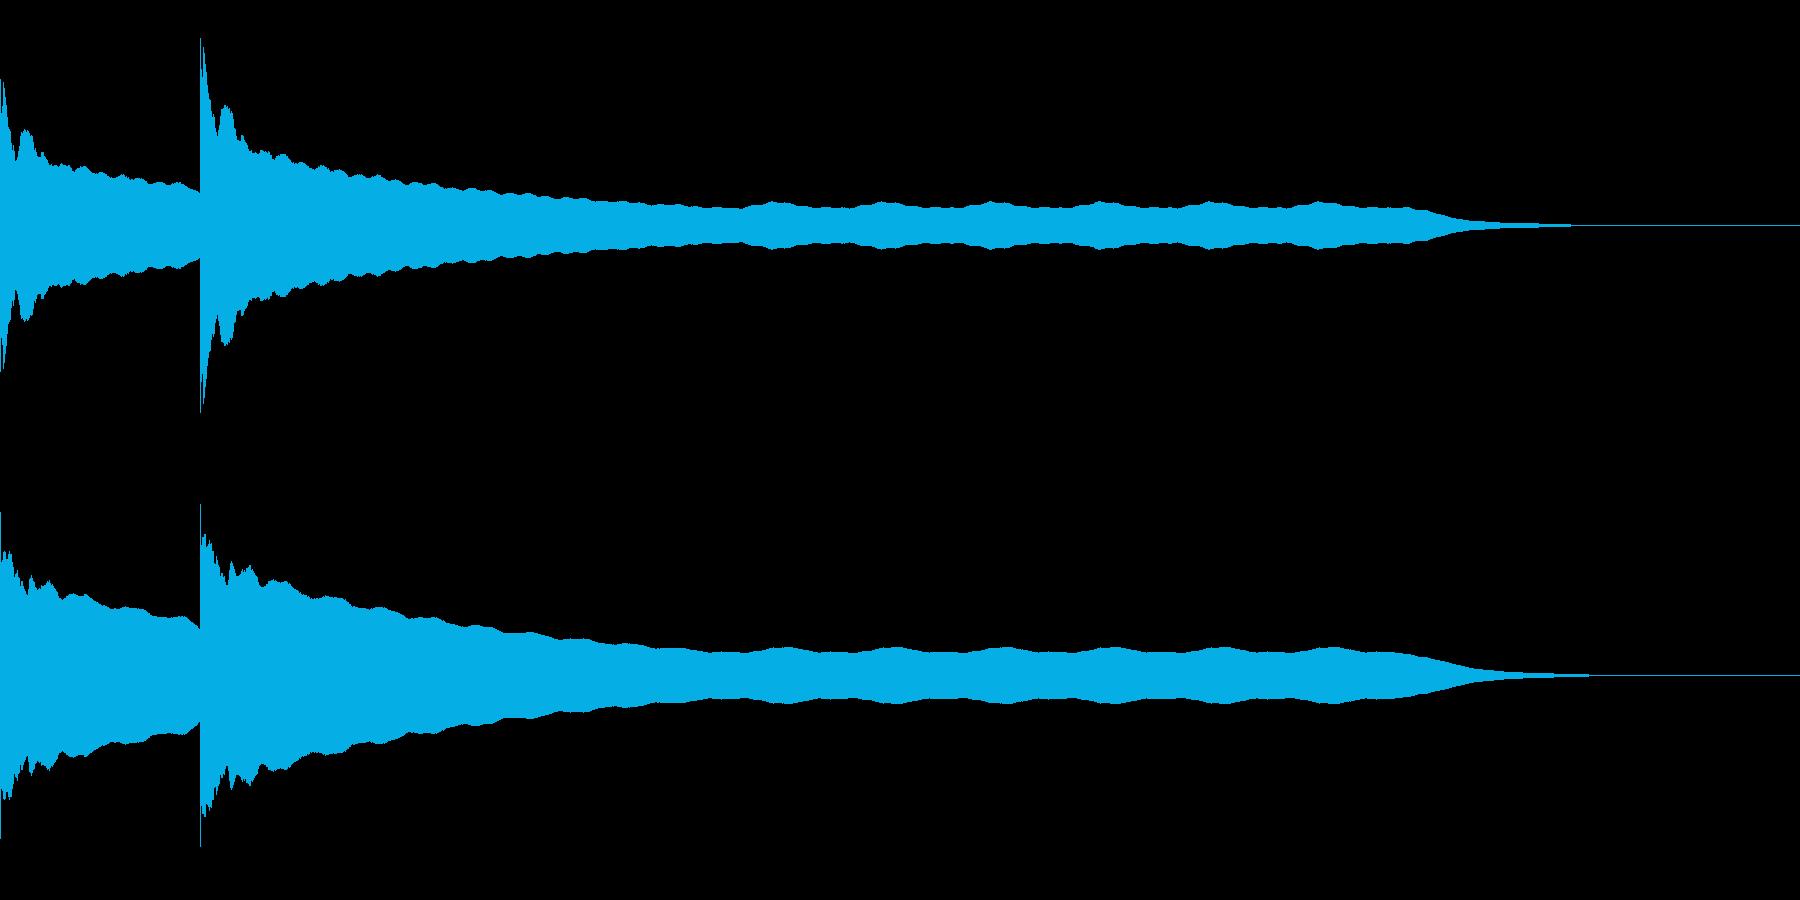 チーンチーン 仏壇の鐘の音3 リバーブ付の再生済みの波形